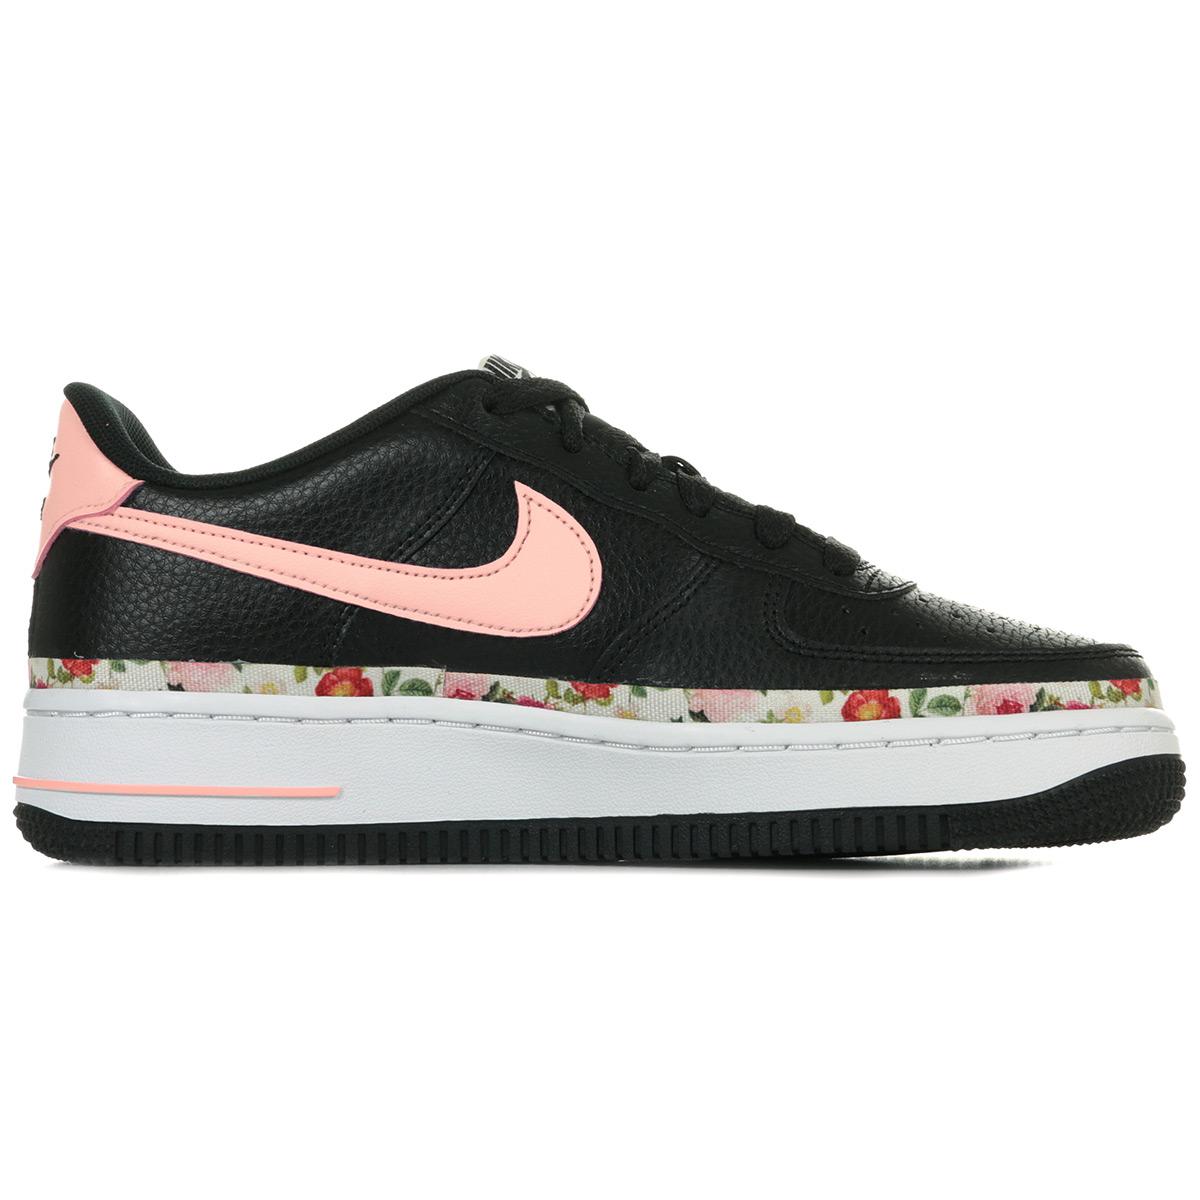 Floral Nike mode Vintage Air 1 Force BQ2501001Baskets femme